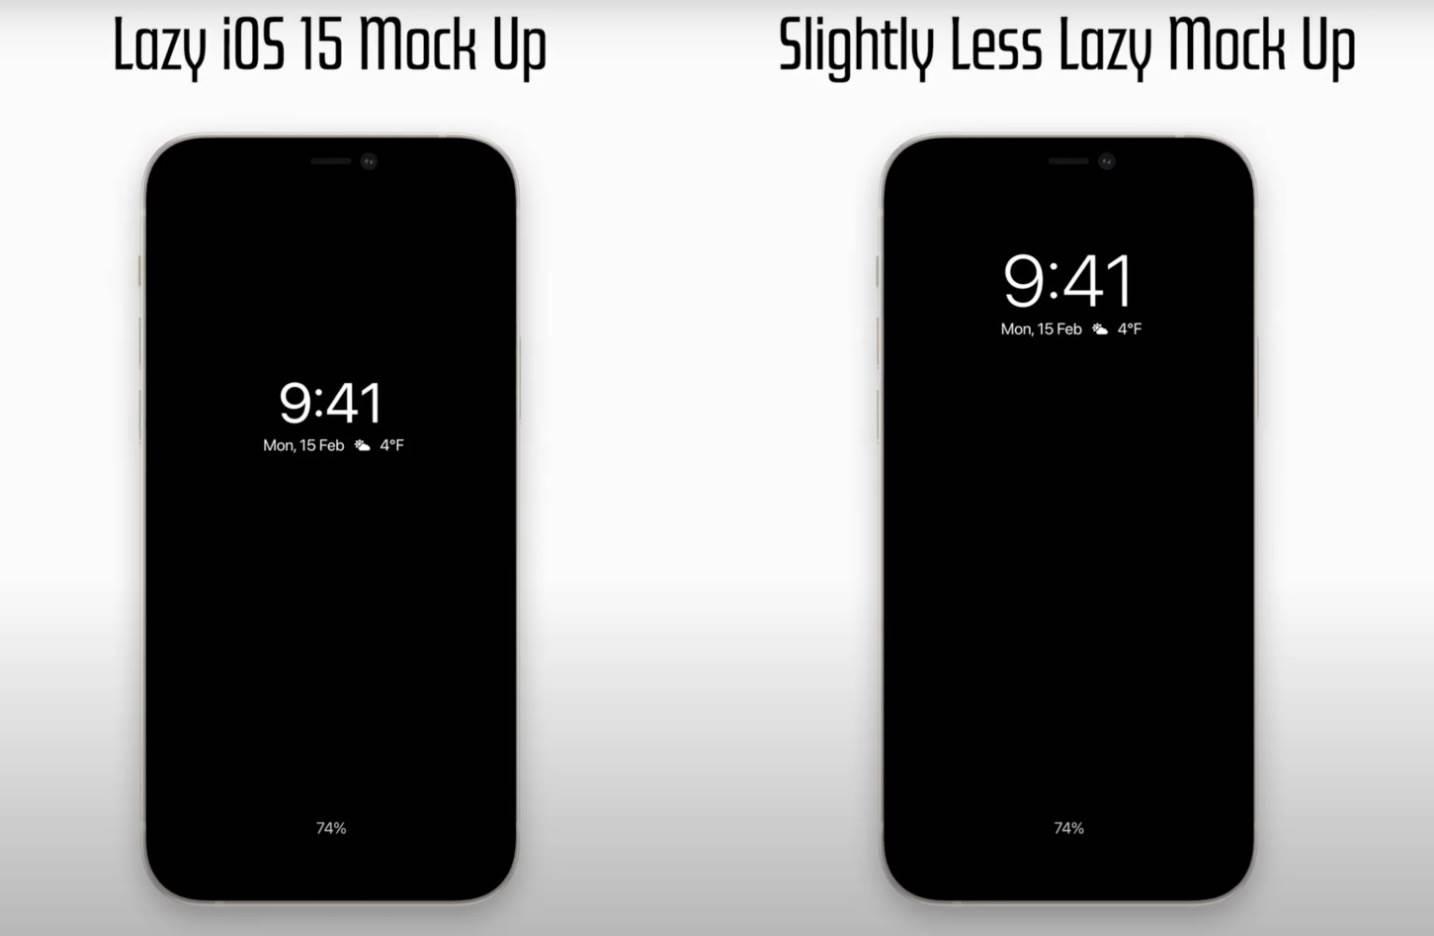 iPhone 12S z Always-On Display - czy tak będzie wyglądał najnowszy smartfon Apple? polecane, ciekawostki zawsze włączony ekran, Wideo, koncept, iPhone 13, iPhone 12s, Apple, Always on Display  W poniedziałek informowaliśmy, że iPhone 12s może mieć być wyposażony w funkcję Always-On Display. Zaledwie kilka dni po tej informacji w sieci pojawił się pierwszy koncept pokazujący jak może to wyglądać. A 2